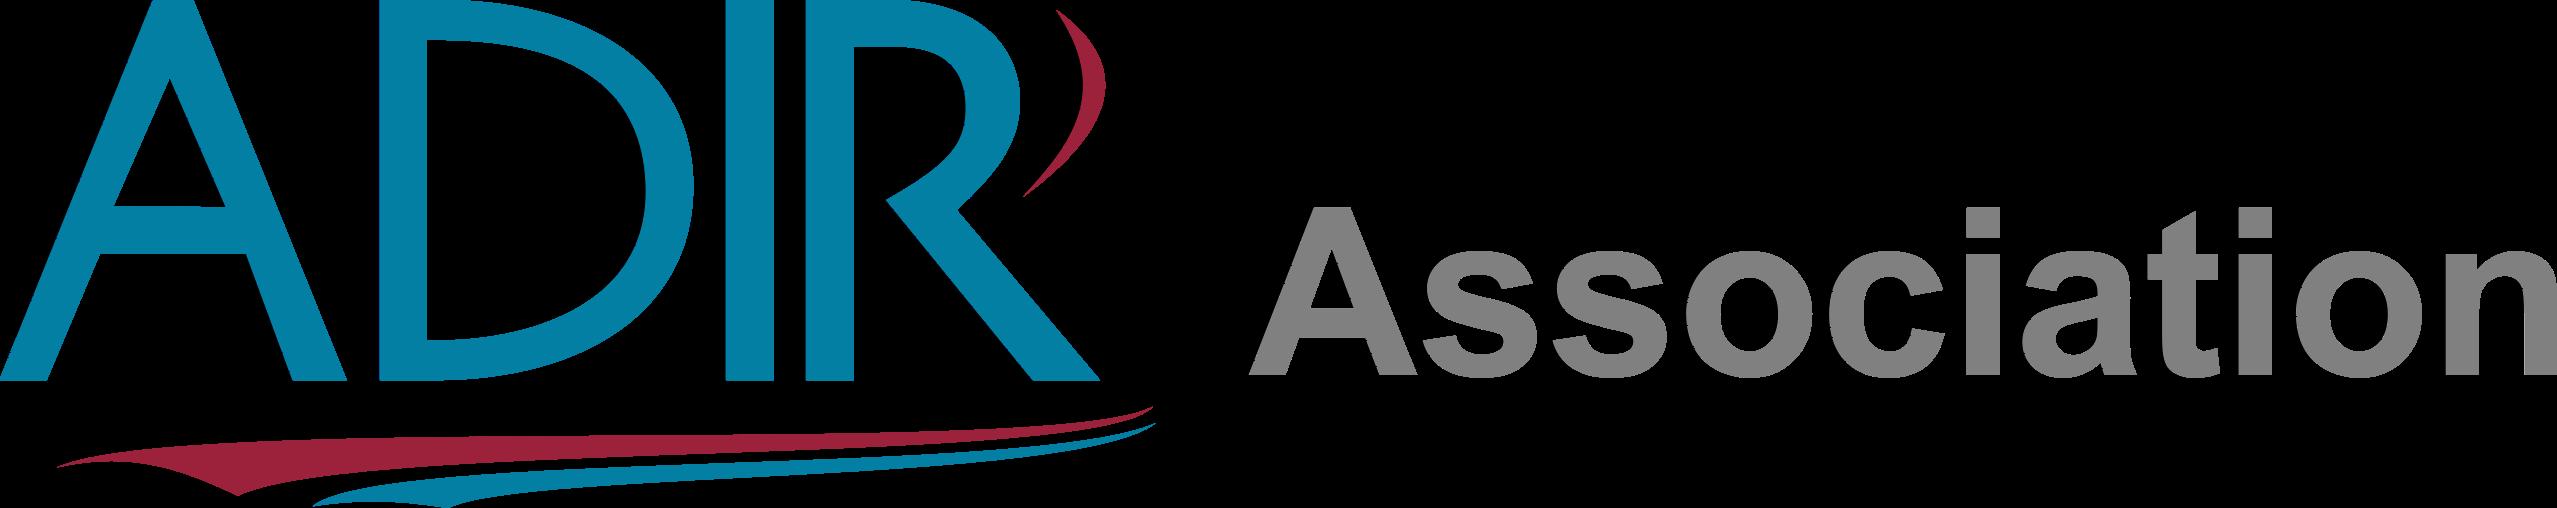 Adir Association